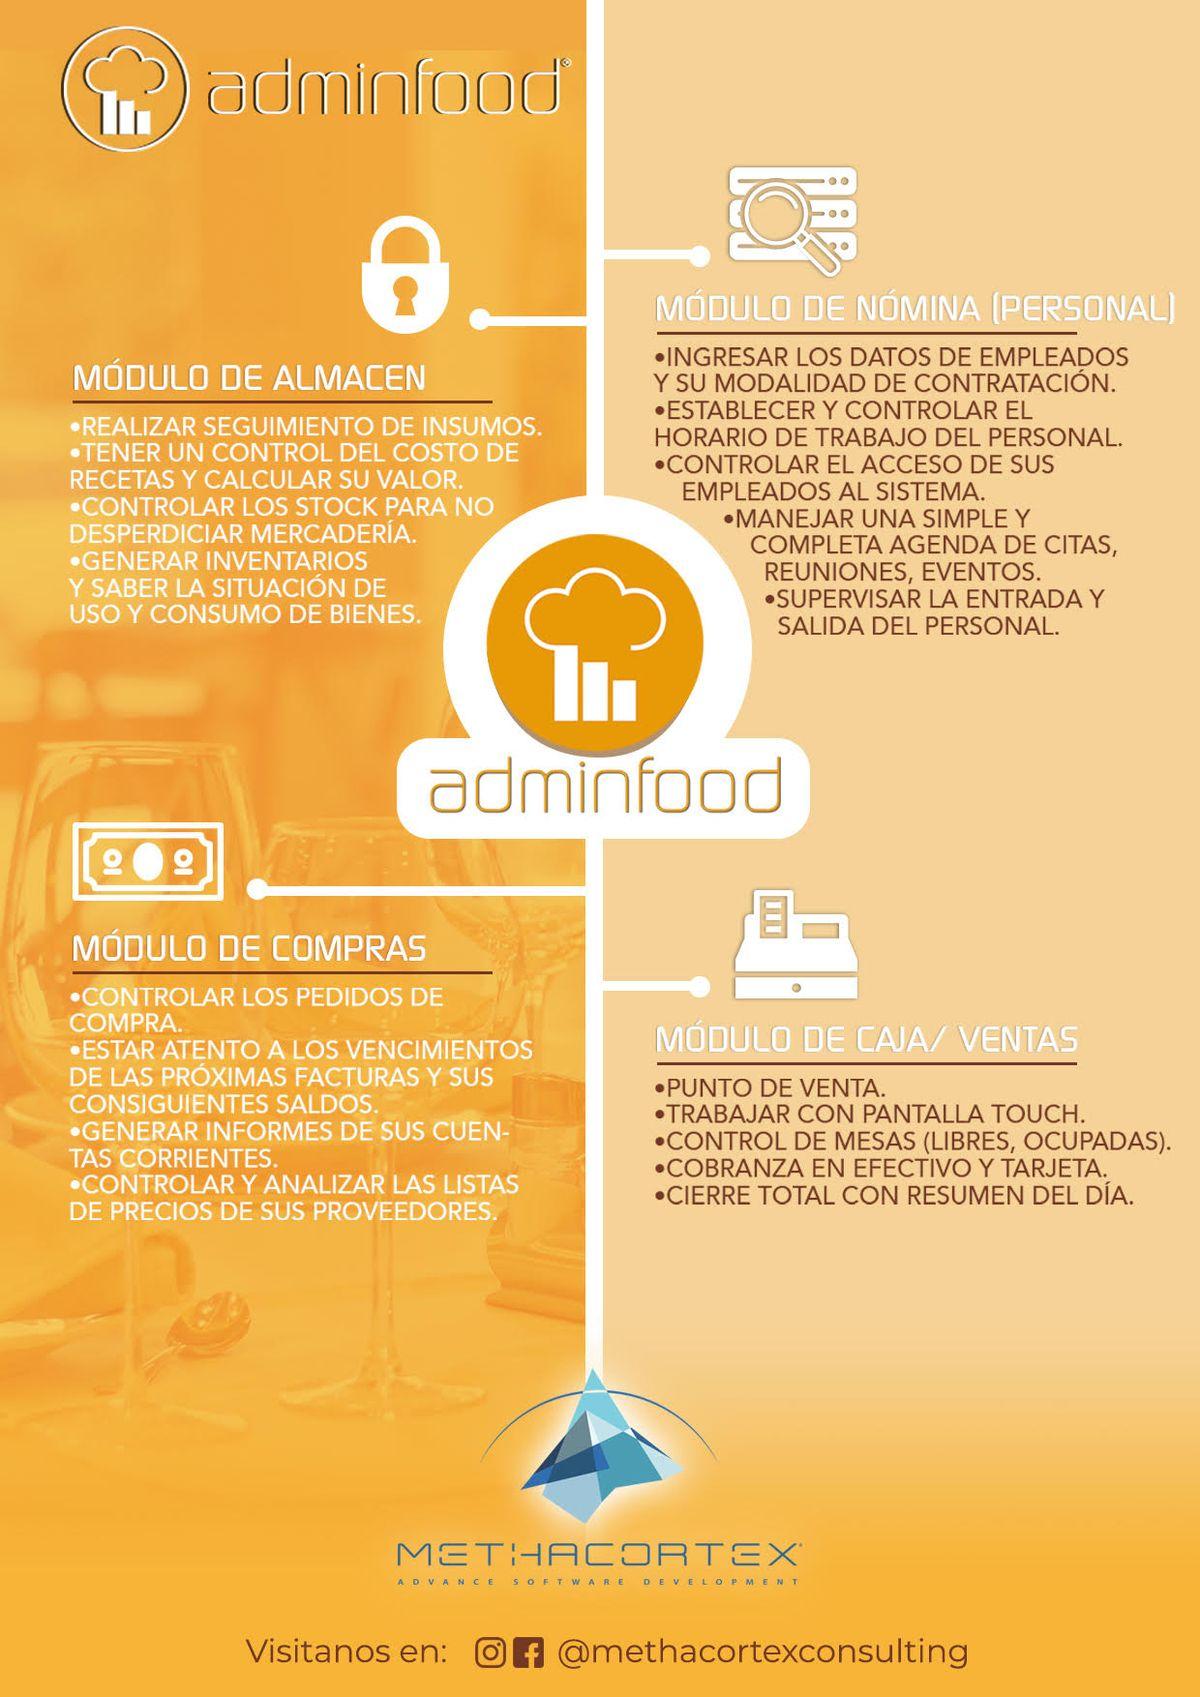 Mensaje 05 Adminfood